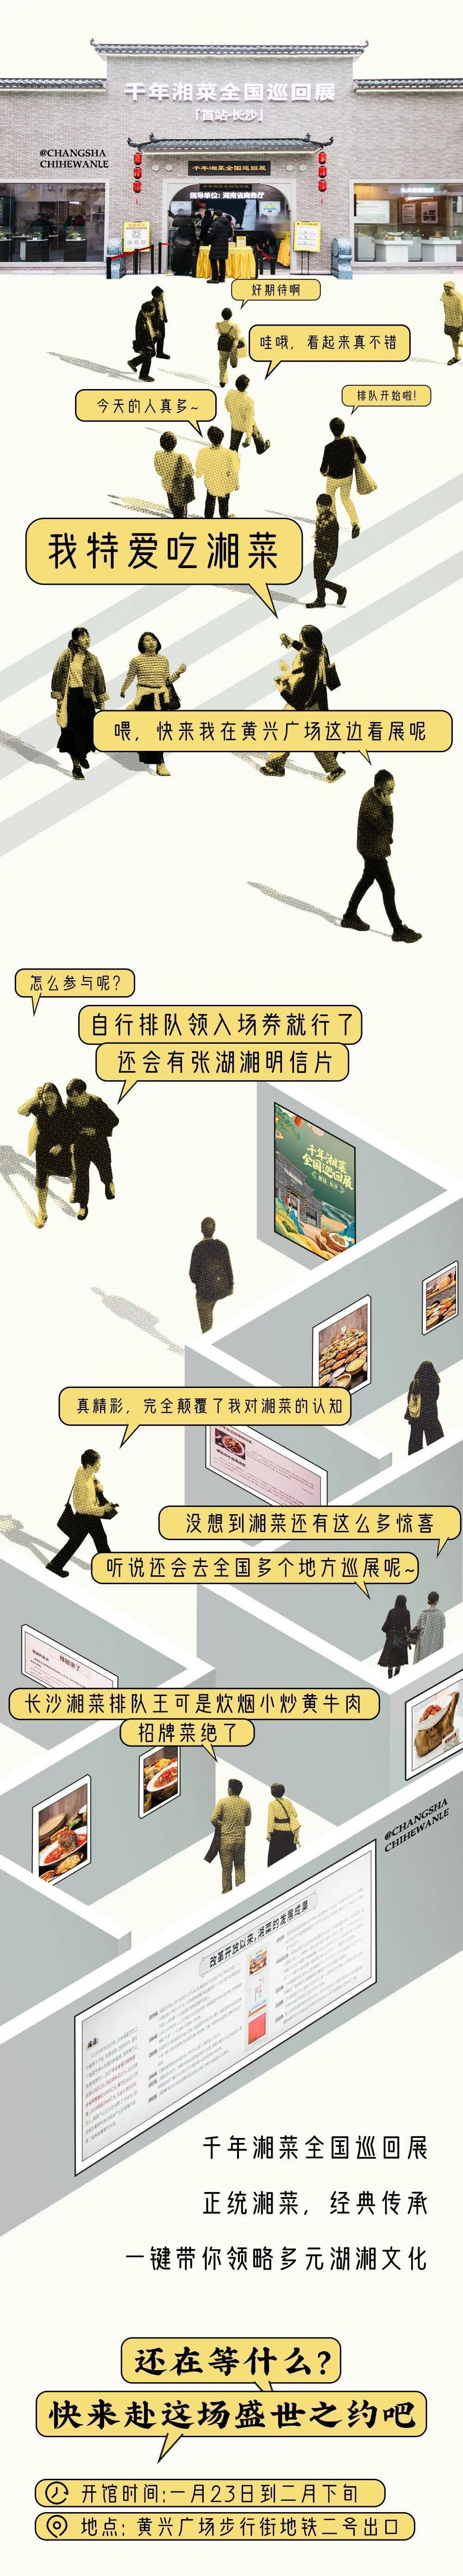 @长沙人,千年湘菜全国巡回展开幕,排队简直不要太疯狂!